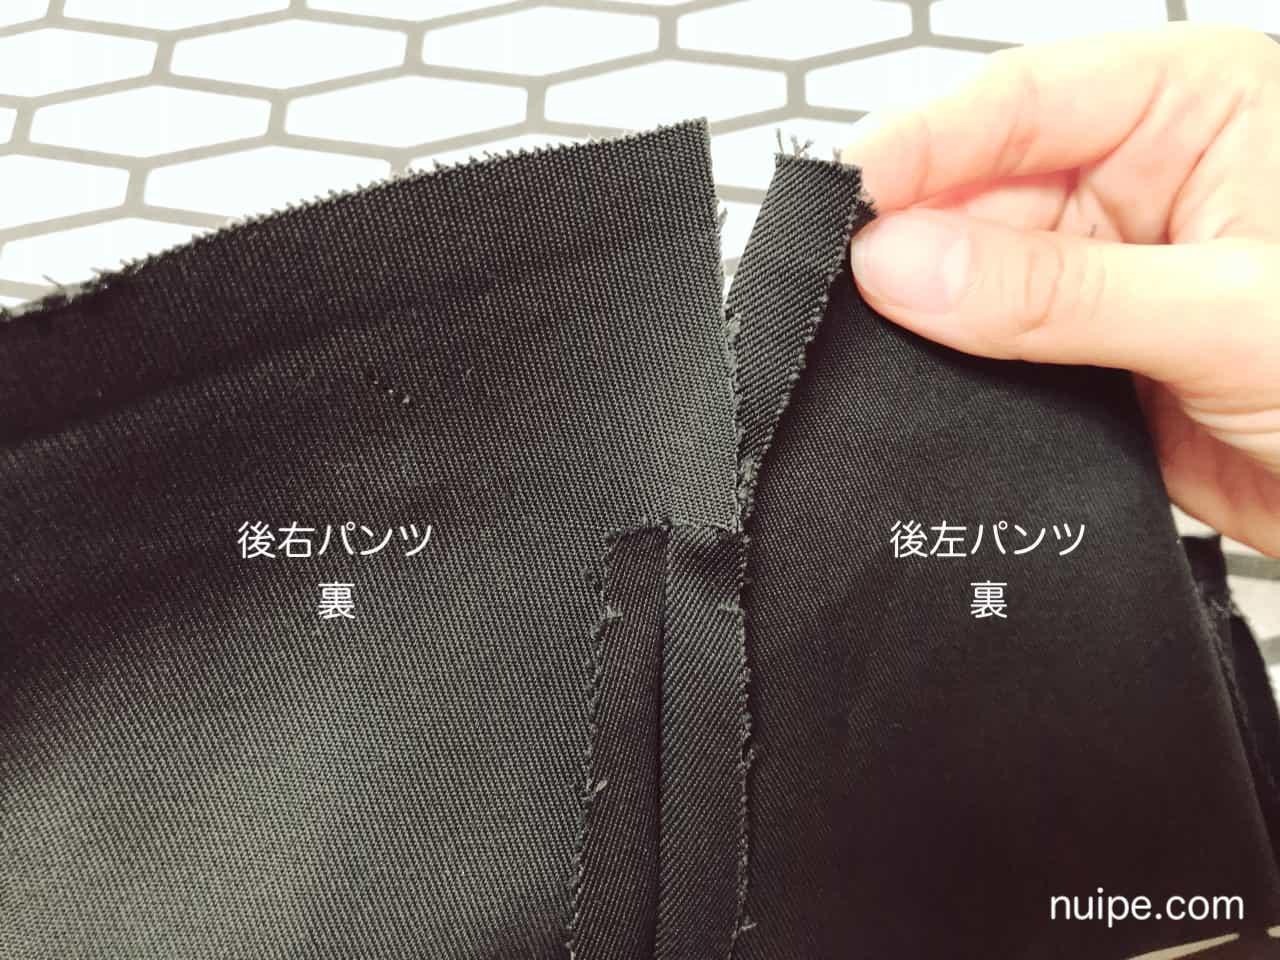 縫い代切り込み